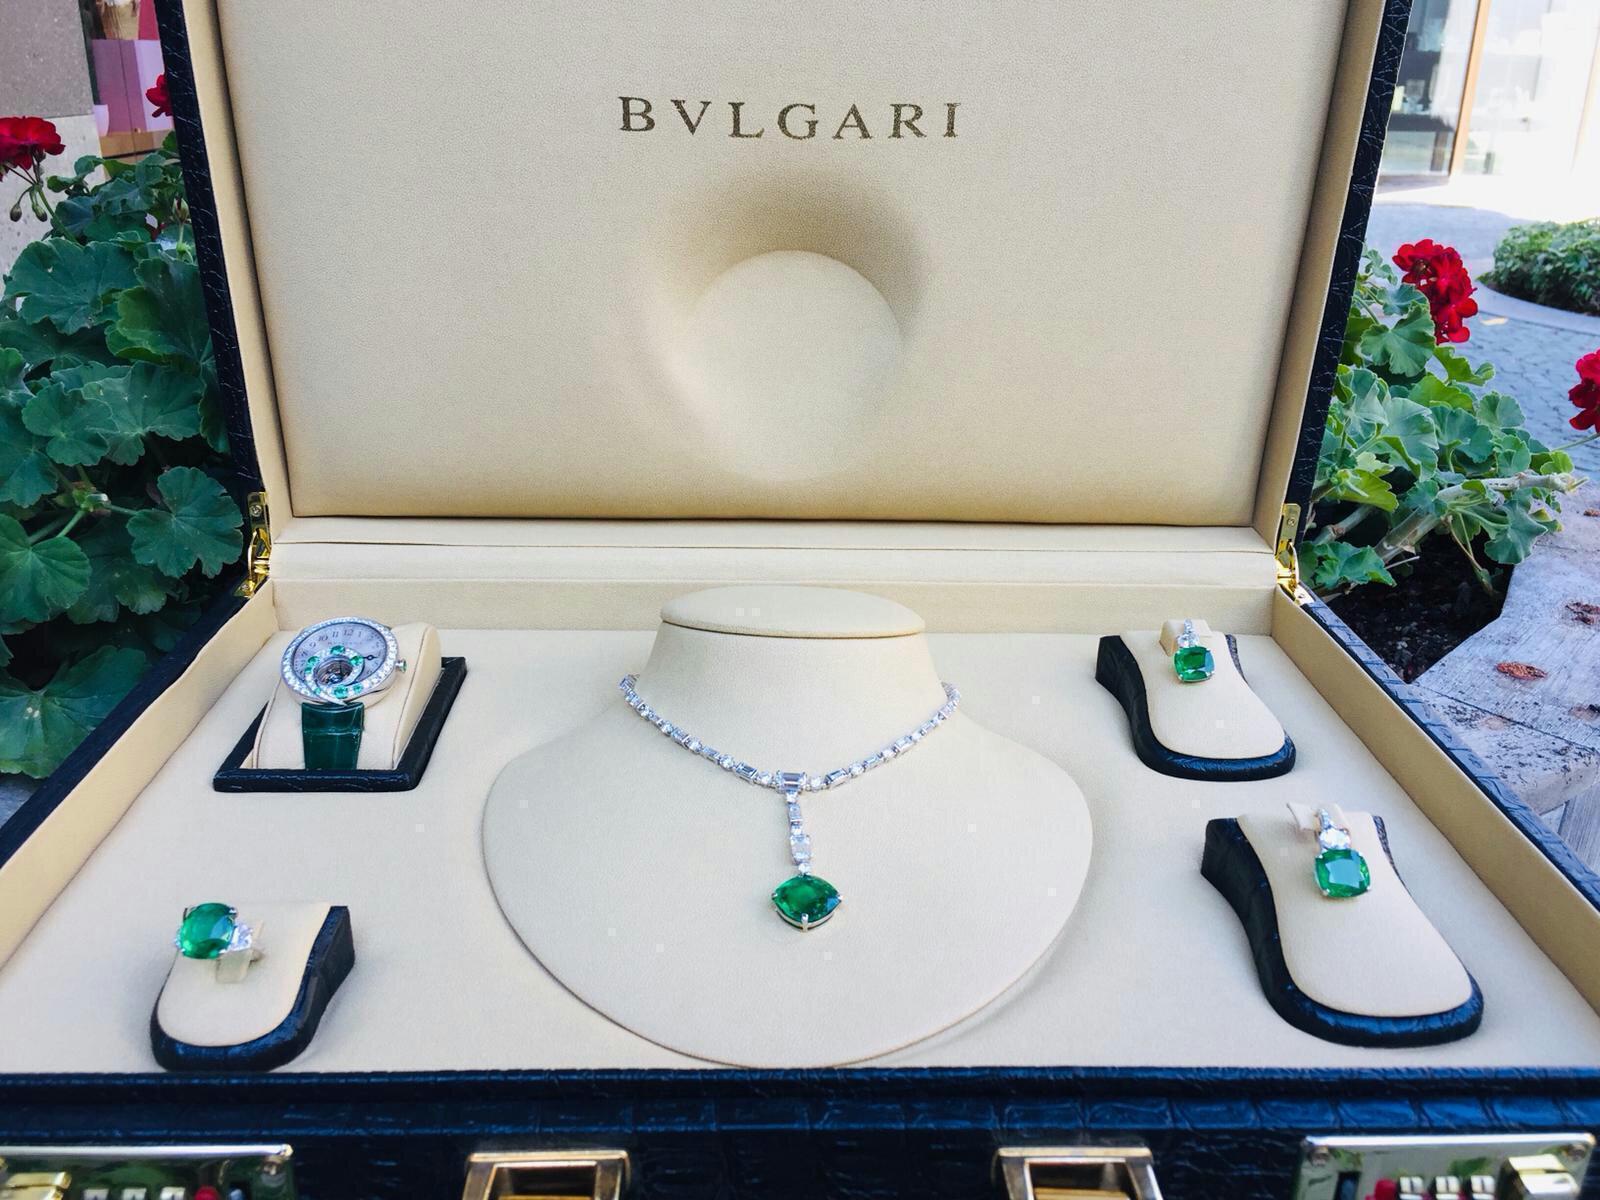 BVLGARI Sets Full Certificate